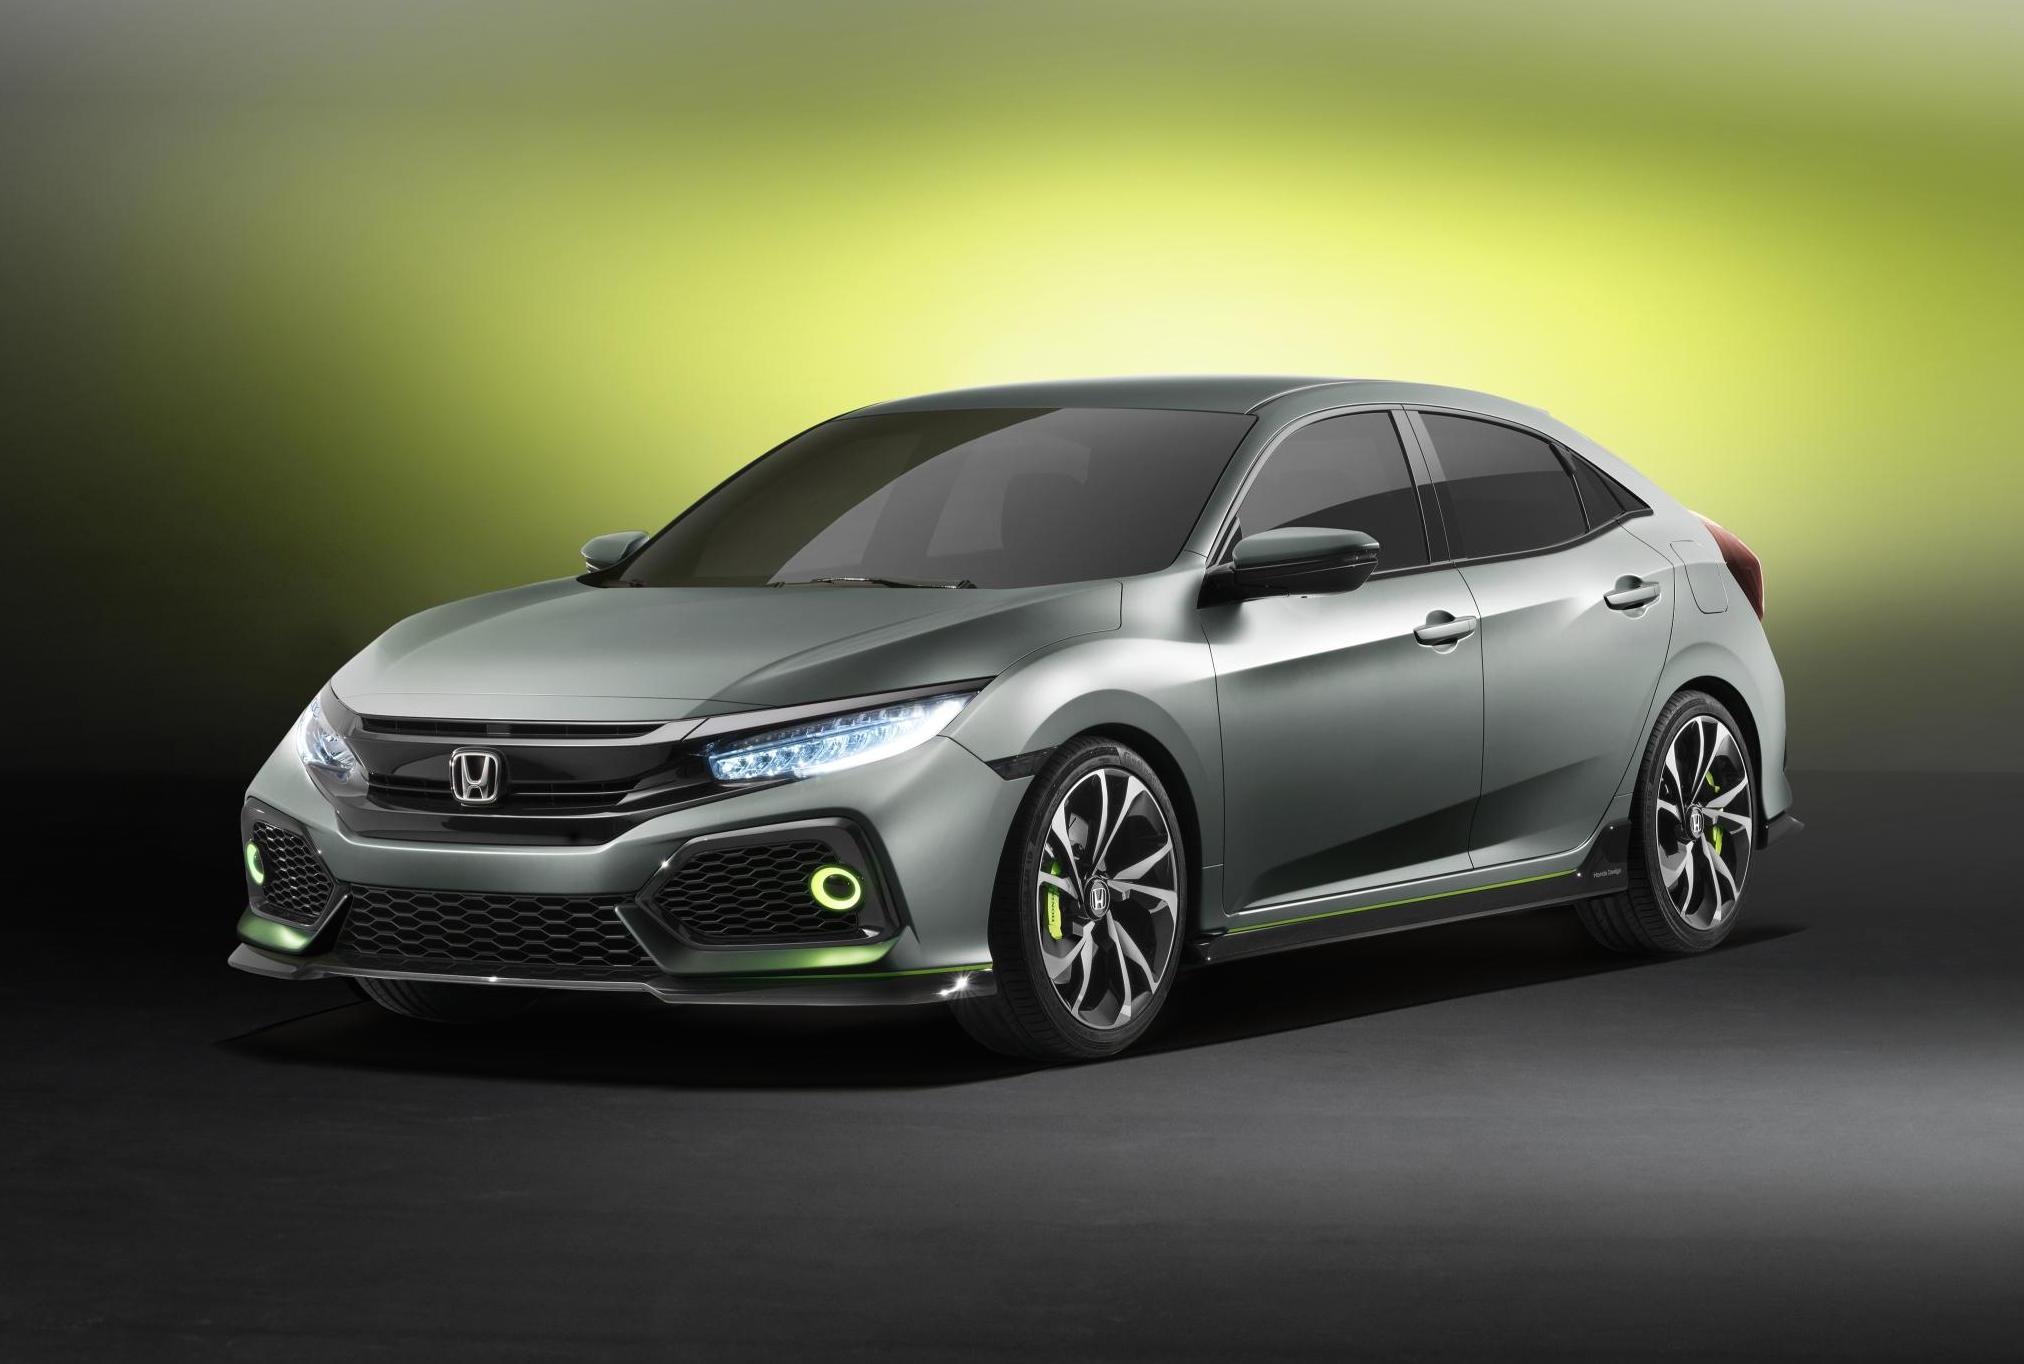 Хонда представила европейскую версию хэтчбека Civic десятого поколения